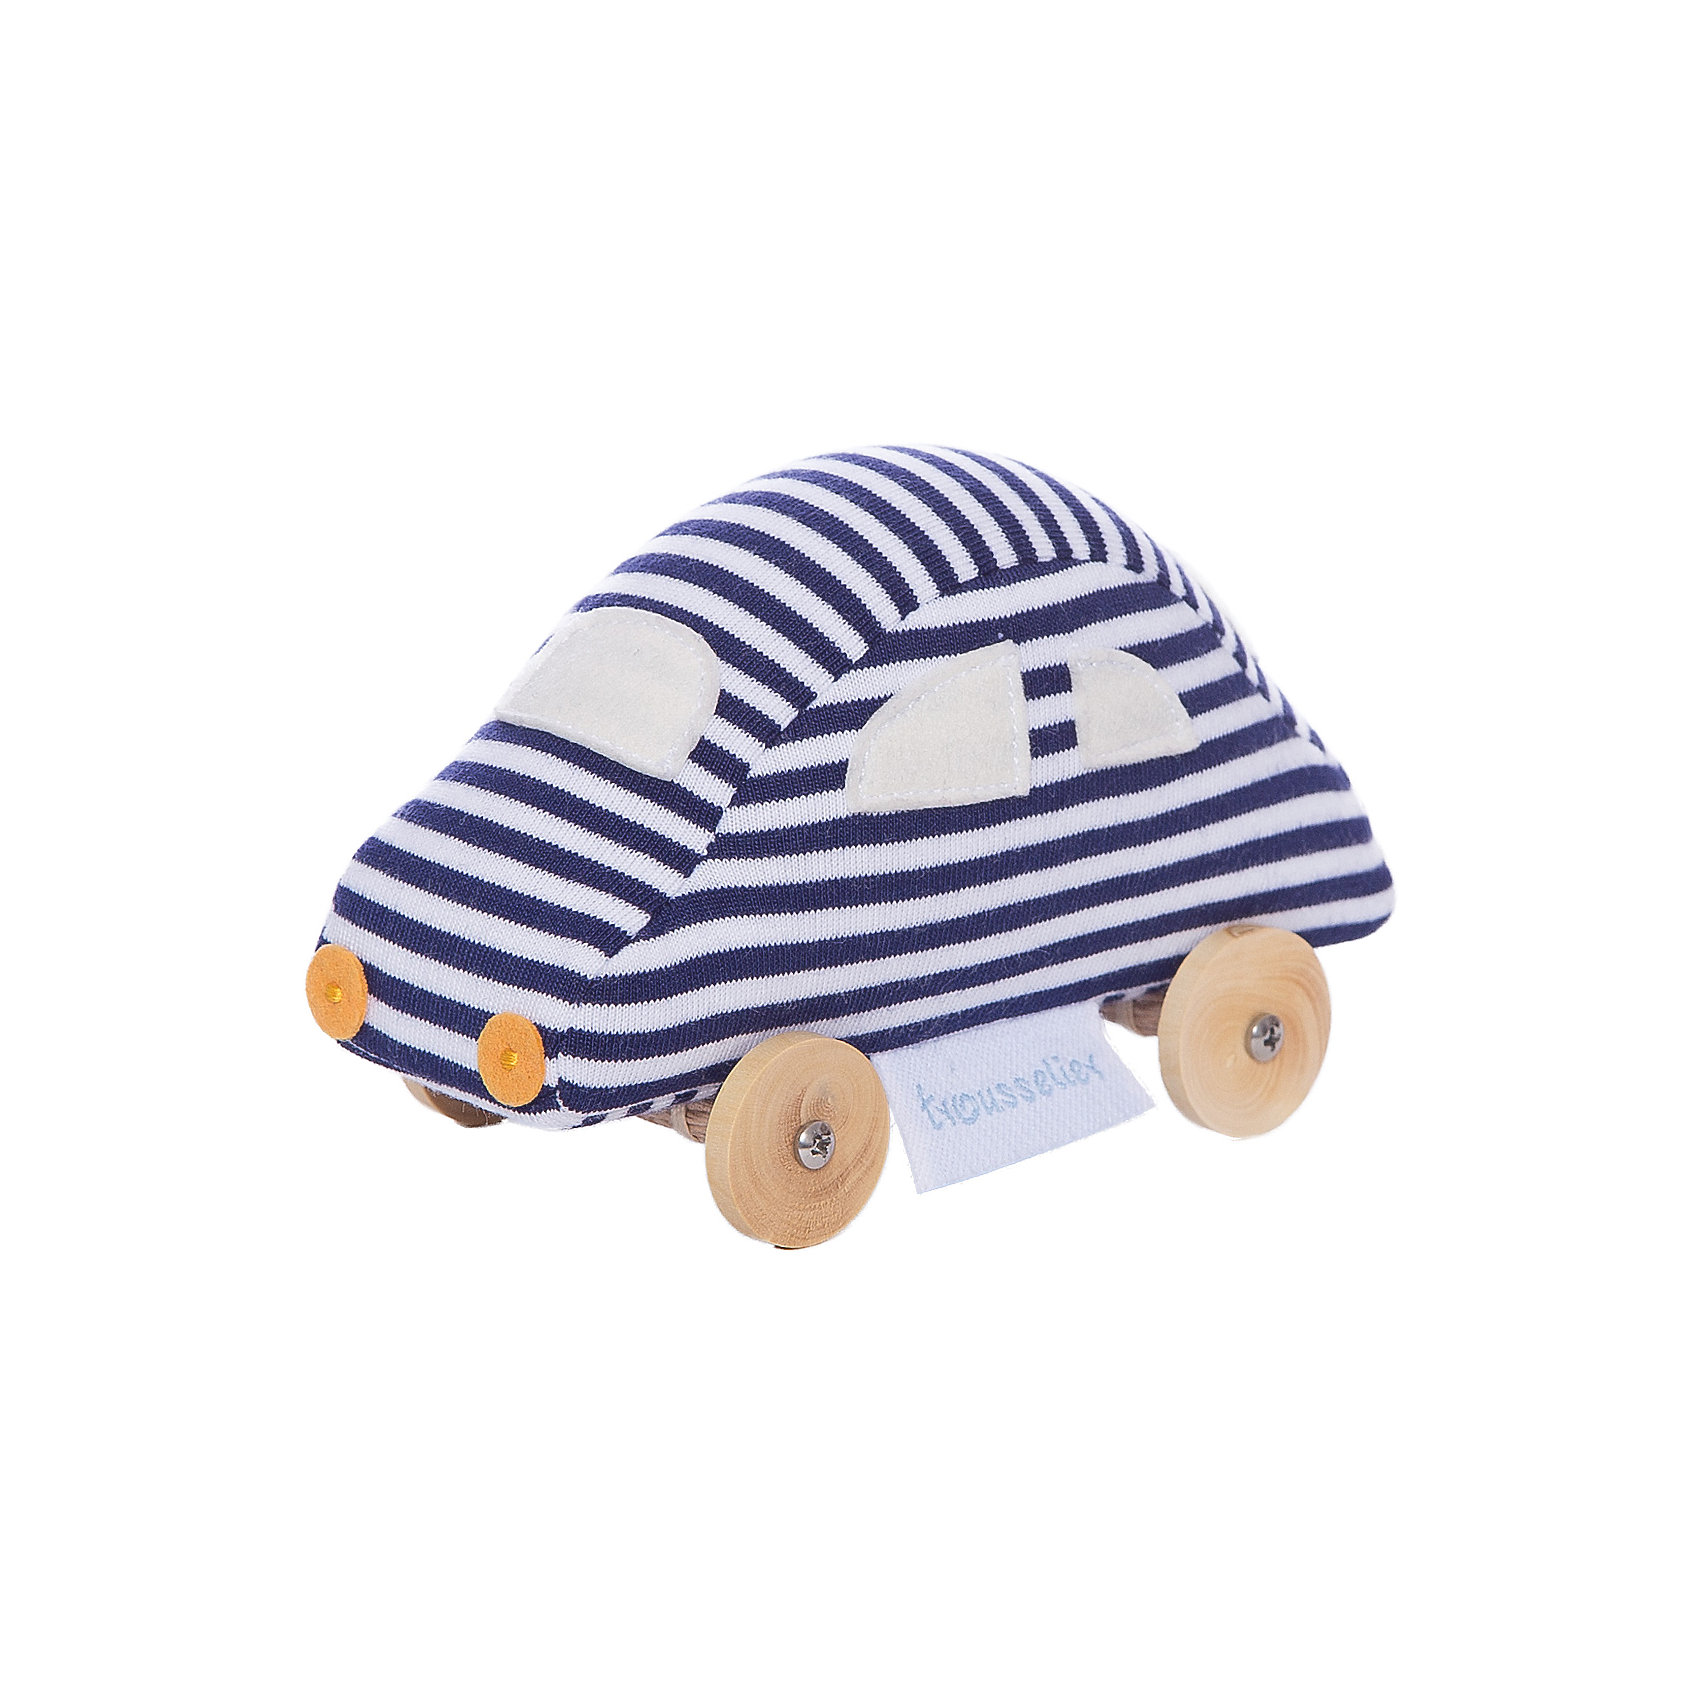 Мягкая игрушка Машинка на колесиках, 13см&#13;, TrousselierМягкая игрушка Машинка на колесиках, 13см, Trousselier (Трусельер).<br><br>Характеристики:<br><br>- Длина: 13см.<br>- Материал: дерево, хлопок<br>- Уход: ручная стирка<br><br>Игрушка-каталка, выполненная в виде забавной машины, непременно, привлечет к себе внимание ребенка. Игрушка изготовлена из мягкого гипоаллергенного материала, колесики из натурального дерева и абсолютно безопасна для детей. Оригинальная форма и яркие цвета стимулируют развитие малыша. В процессе игры у ребенка развивается моторика, координация движений, цветовое восприятие, а также тактильные ощущения. Французский бренд Trousselier (Трусельер) вот уже более 40 лет создает уникальные коллекции детских игрушек. Вся продукция изготавливается из натуральных материалов с соблюдением высоких европейских стандартов качества.<br><br>Мягкую игрушку Машинка на колесиках, 13см, Trousselier (Трусельер) можно купить в нашем интернет-магазине.<br><br>Ширина мм: 155<br>Глубина мм: 155<br>Высота мм: 70<br>Вес г: 100<br>Возраст от месяцев: -2147483648<br>Возраст до месяцев: 2147483647<br>Пол: Унисекс<br>Возраст: Детский<br>SKU: 4964797